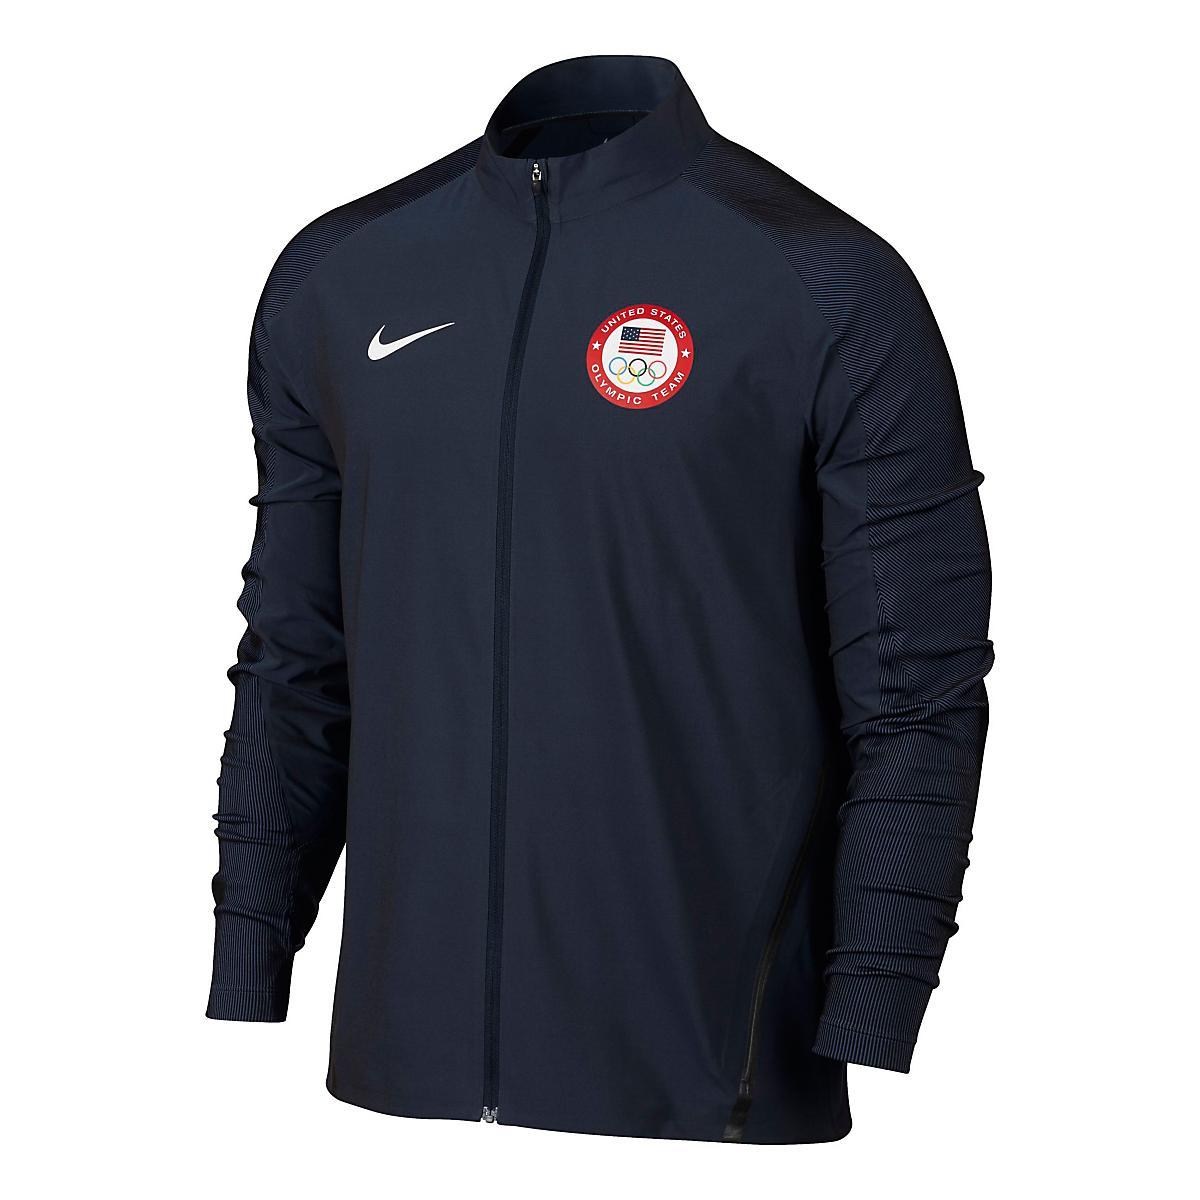 Men's Nike�USOC Stadium Jacket